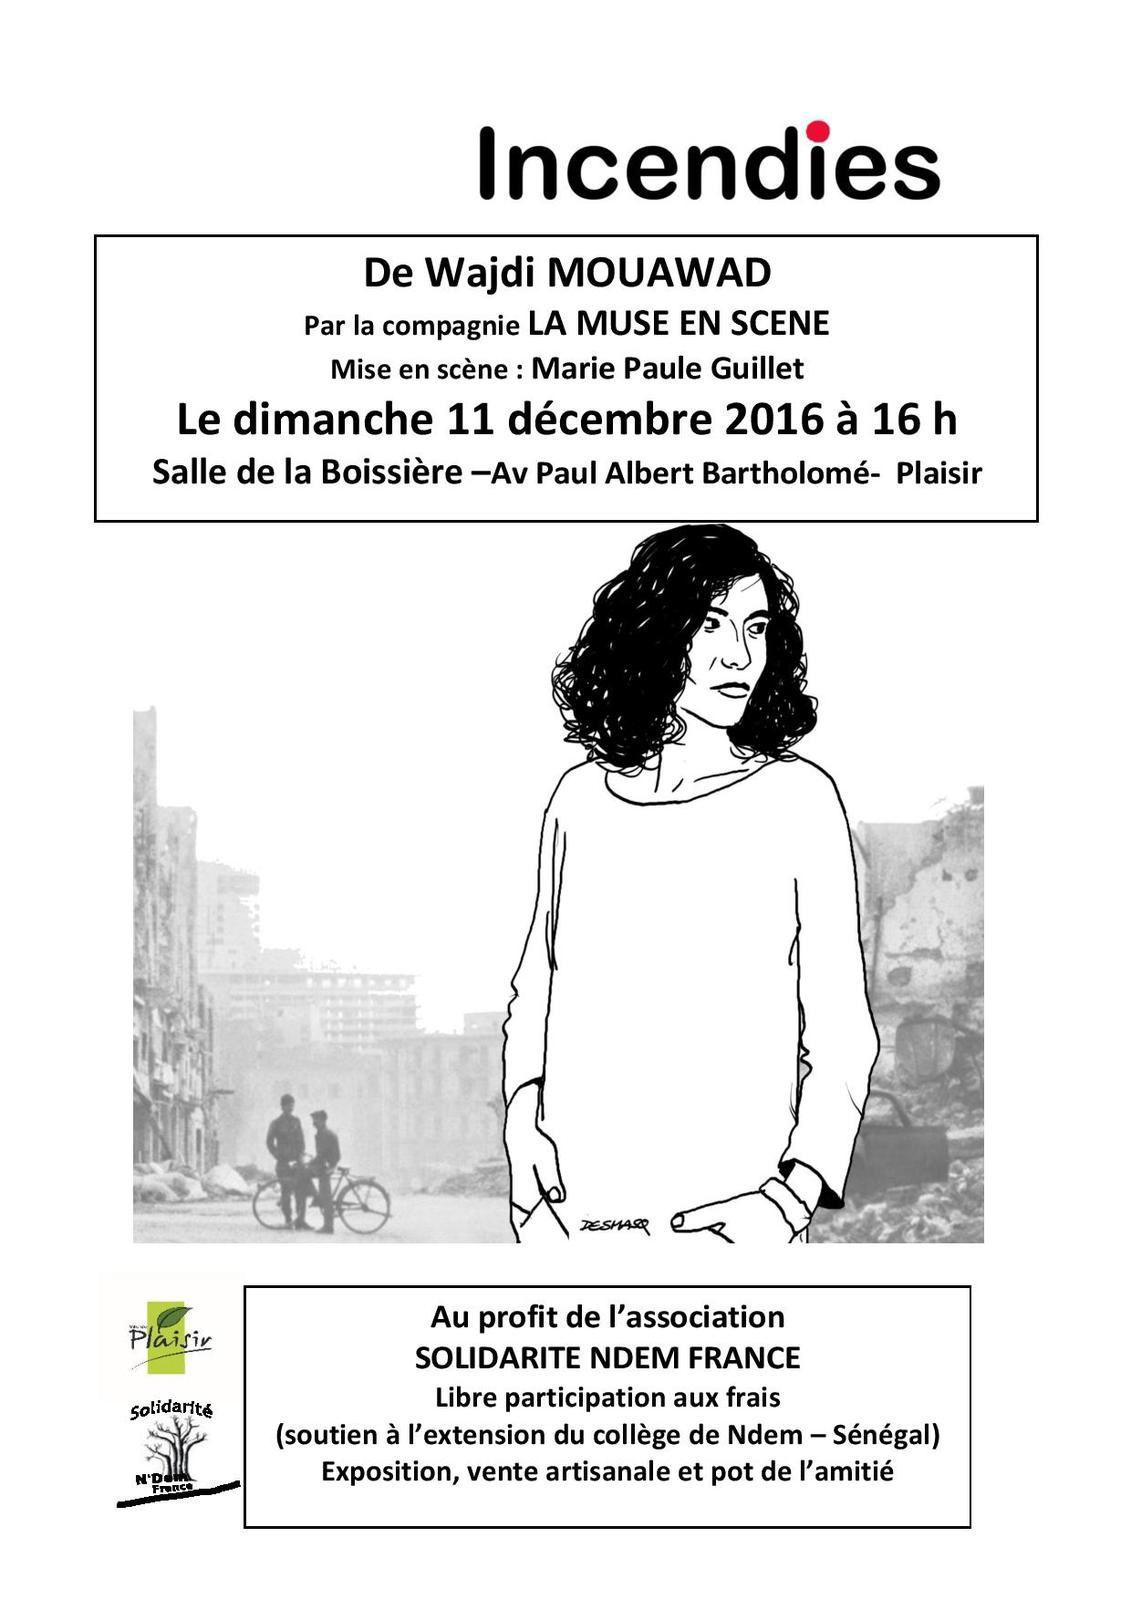 Incendies  de Wajdi Mouawad -  11 décembre 2016